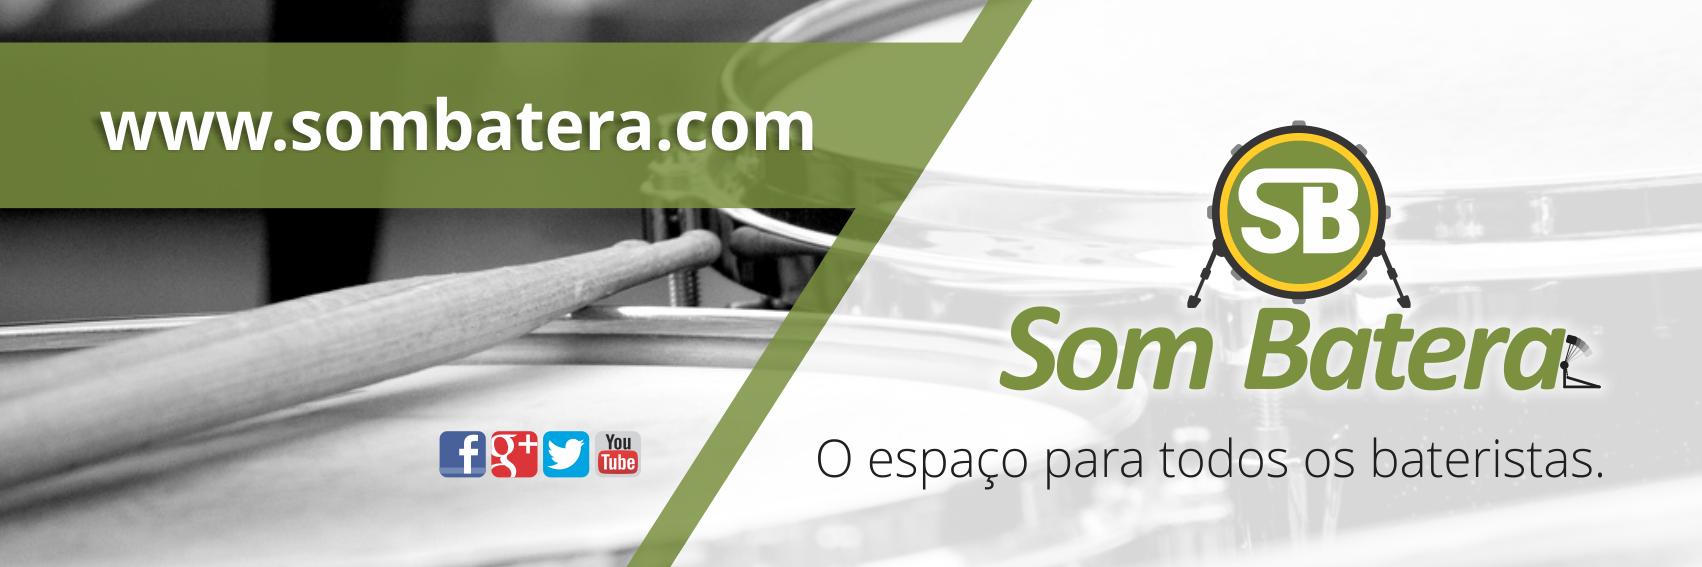 @sombatera